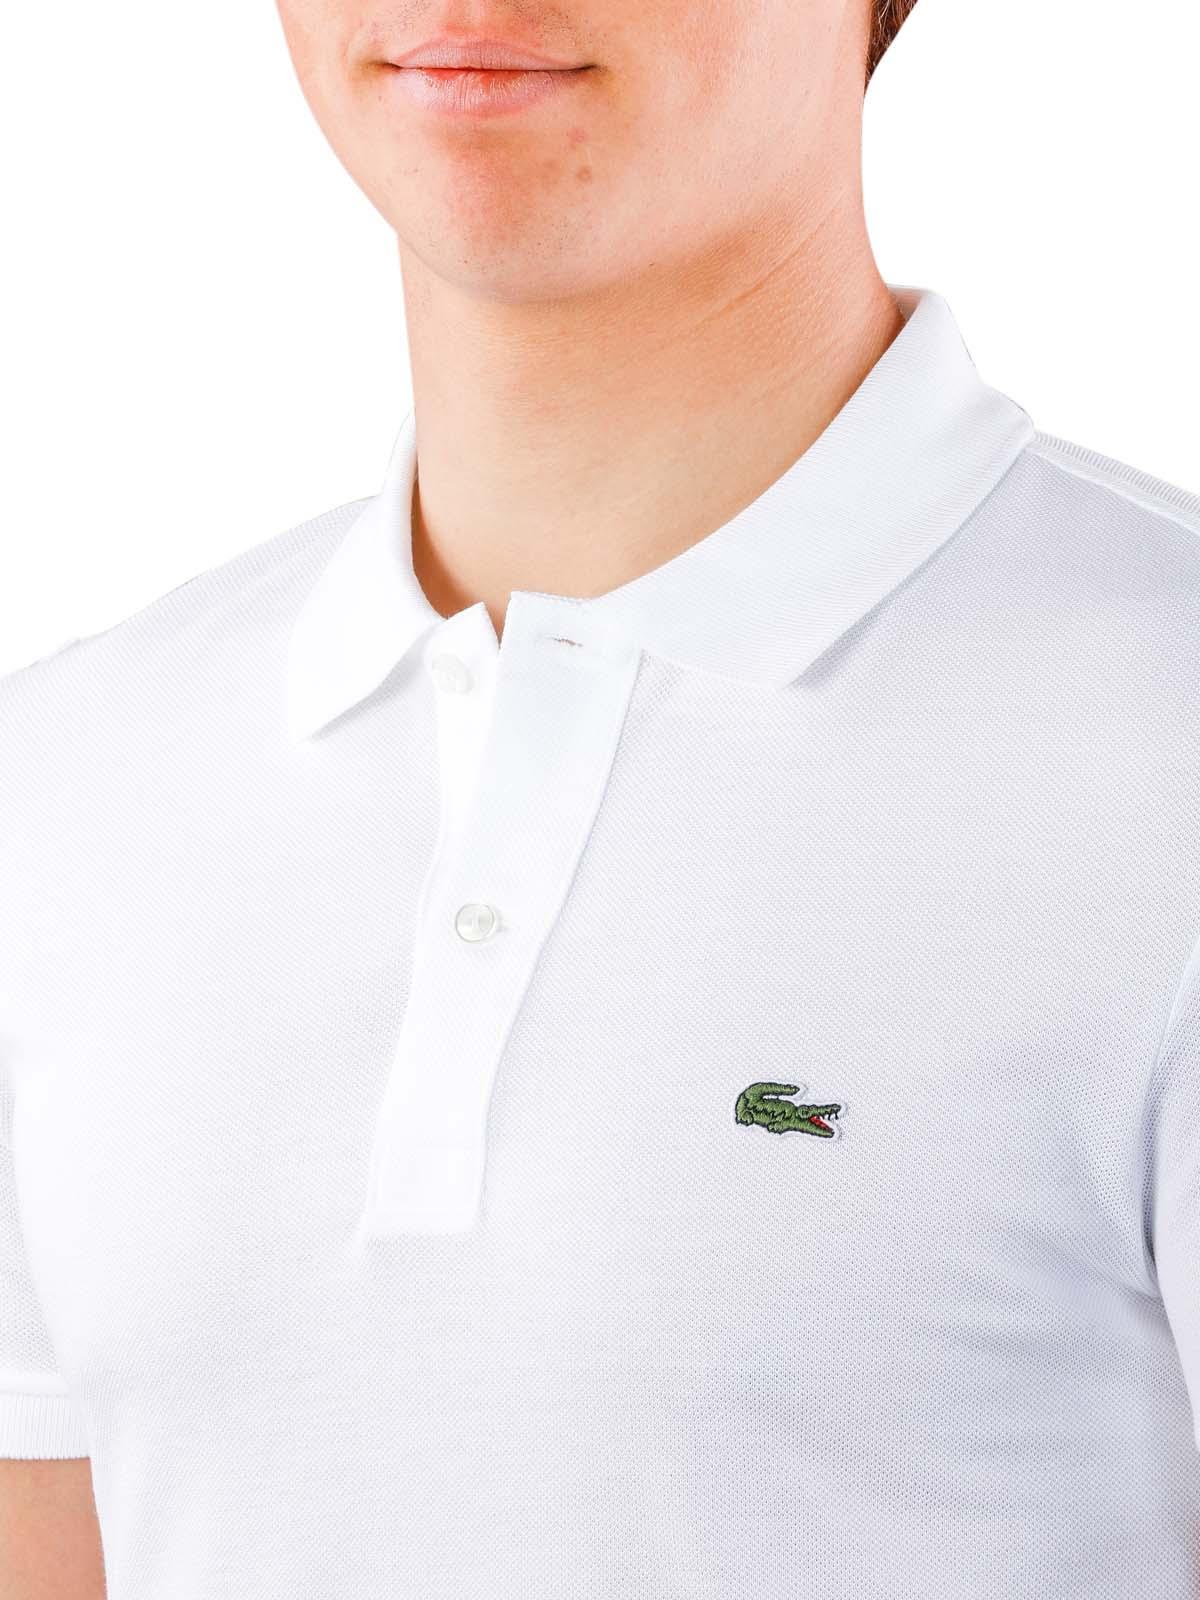 Envoi Shirt Polo Blanc Mcjeans ch Sleeves Gratuite ImmédiatLacoste Slim Short Livraison ARq54jL3